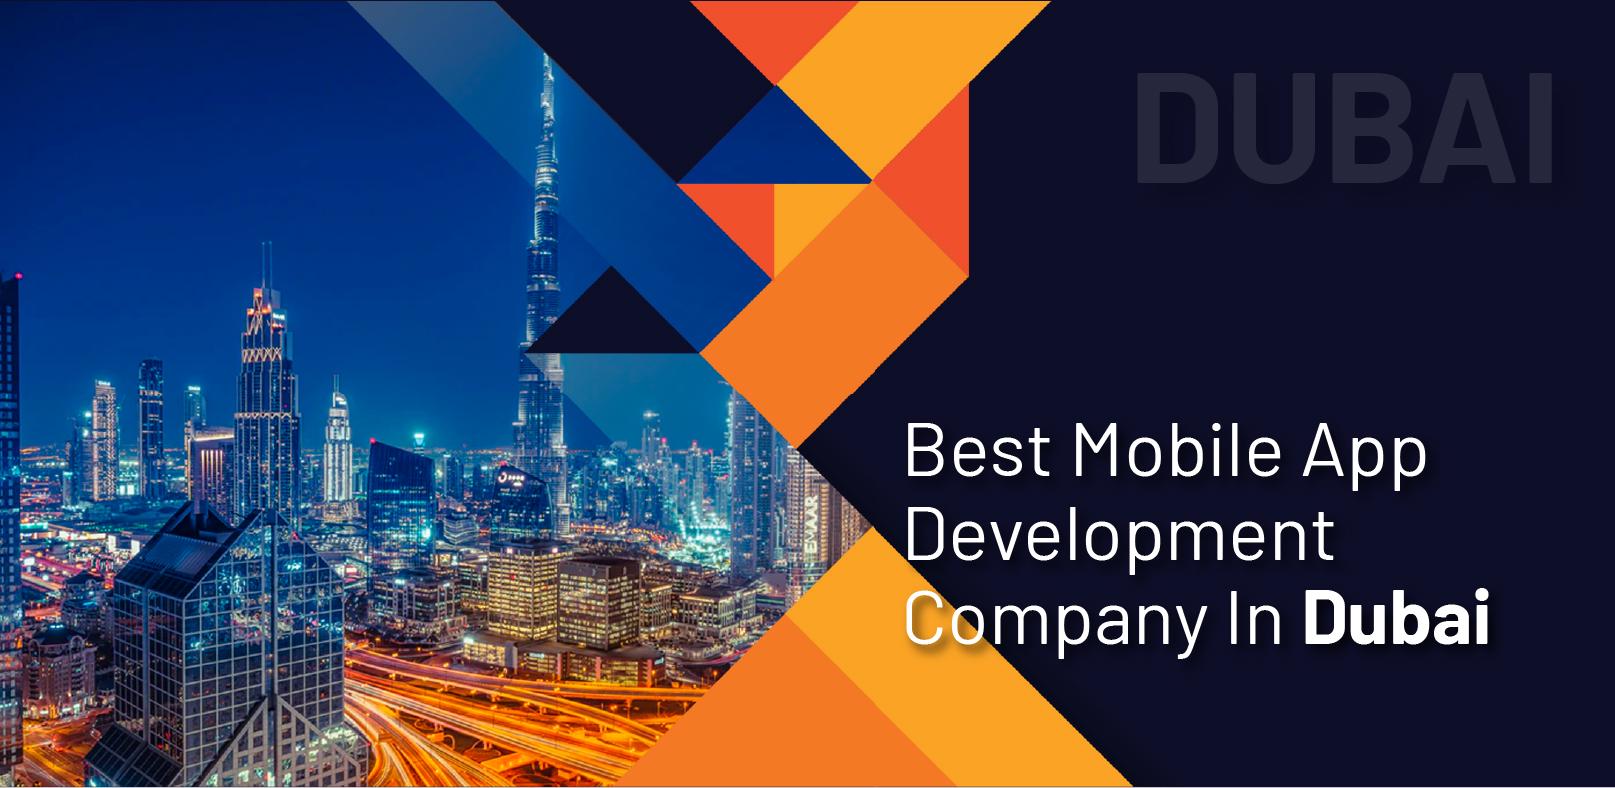 Best Mobile App Development Company in Dubai - WebClues Infotech